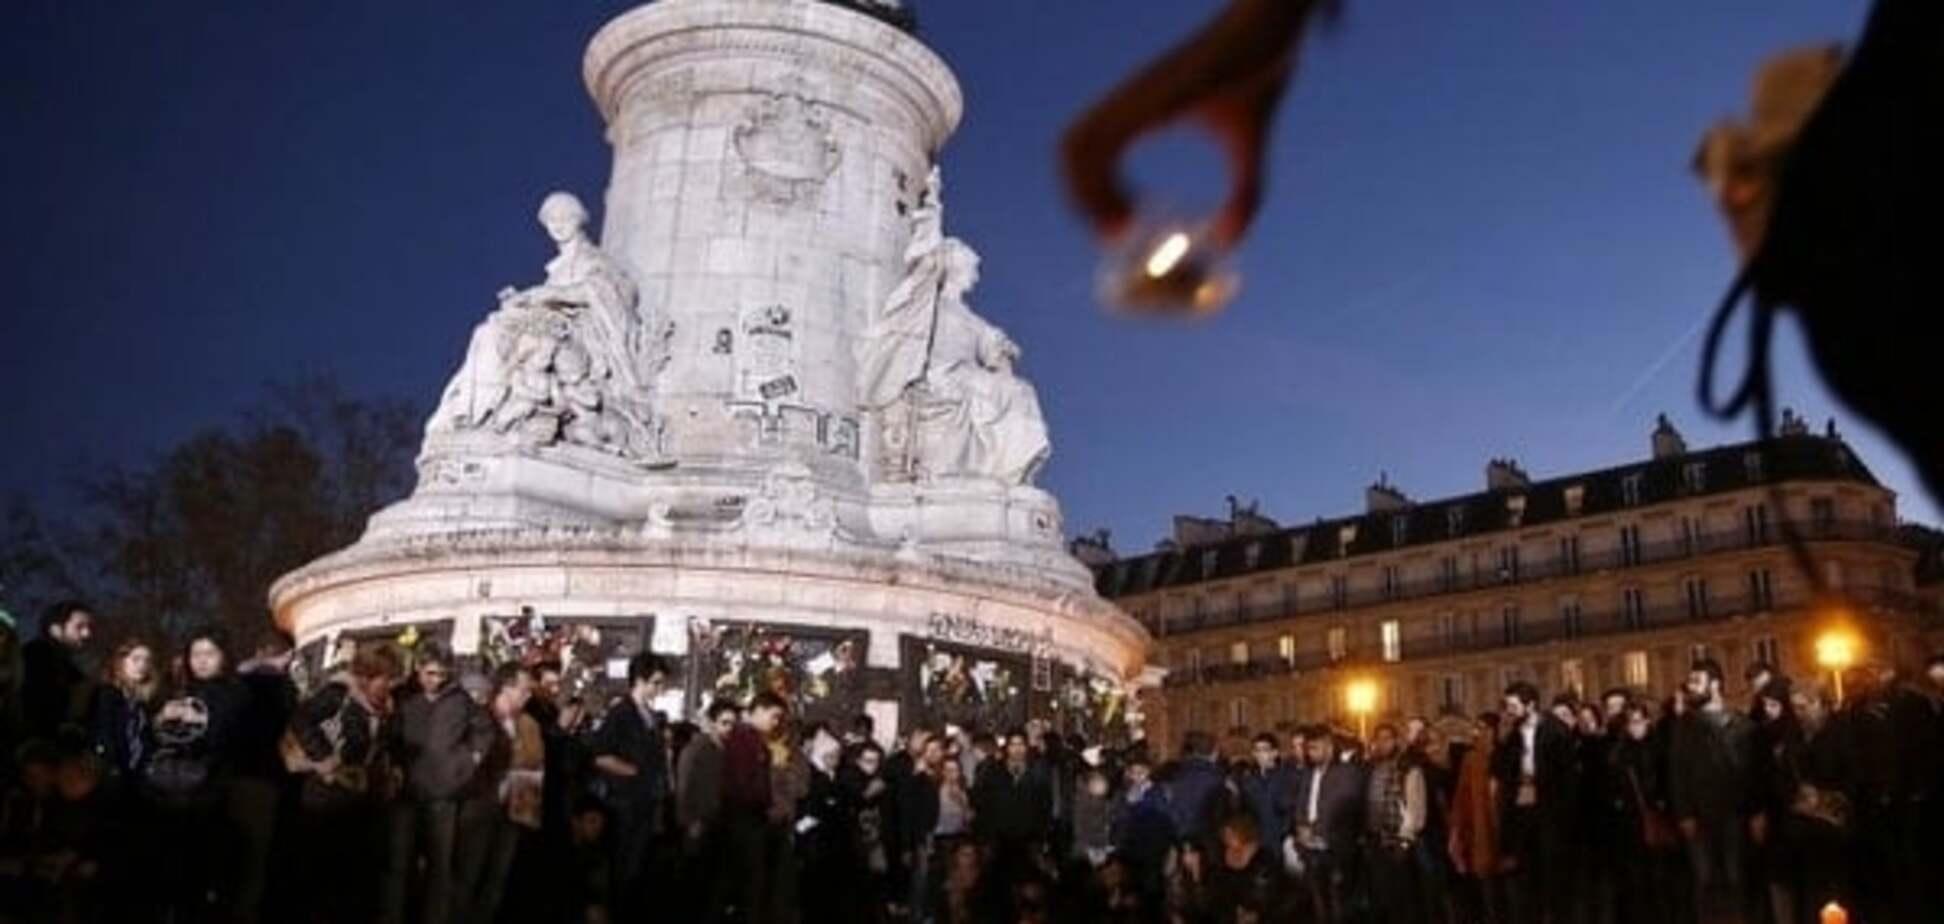 Вже упізнали: в паризькому теракті загинула росіянка